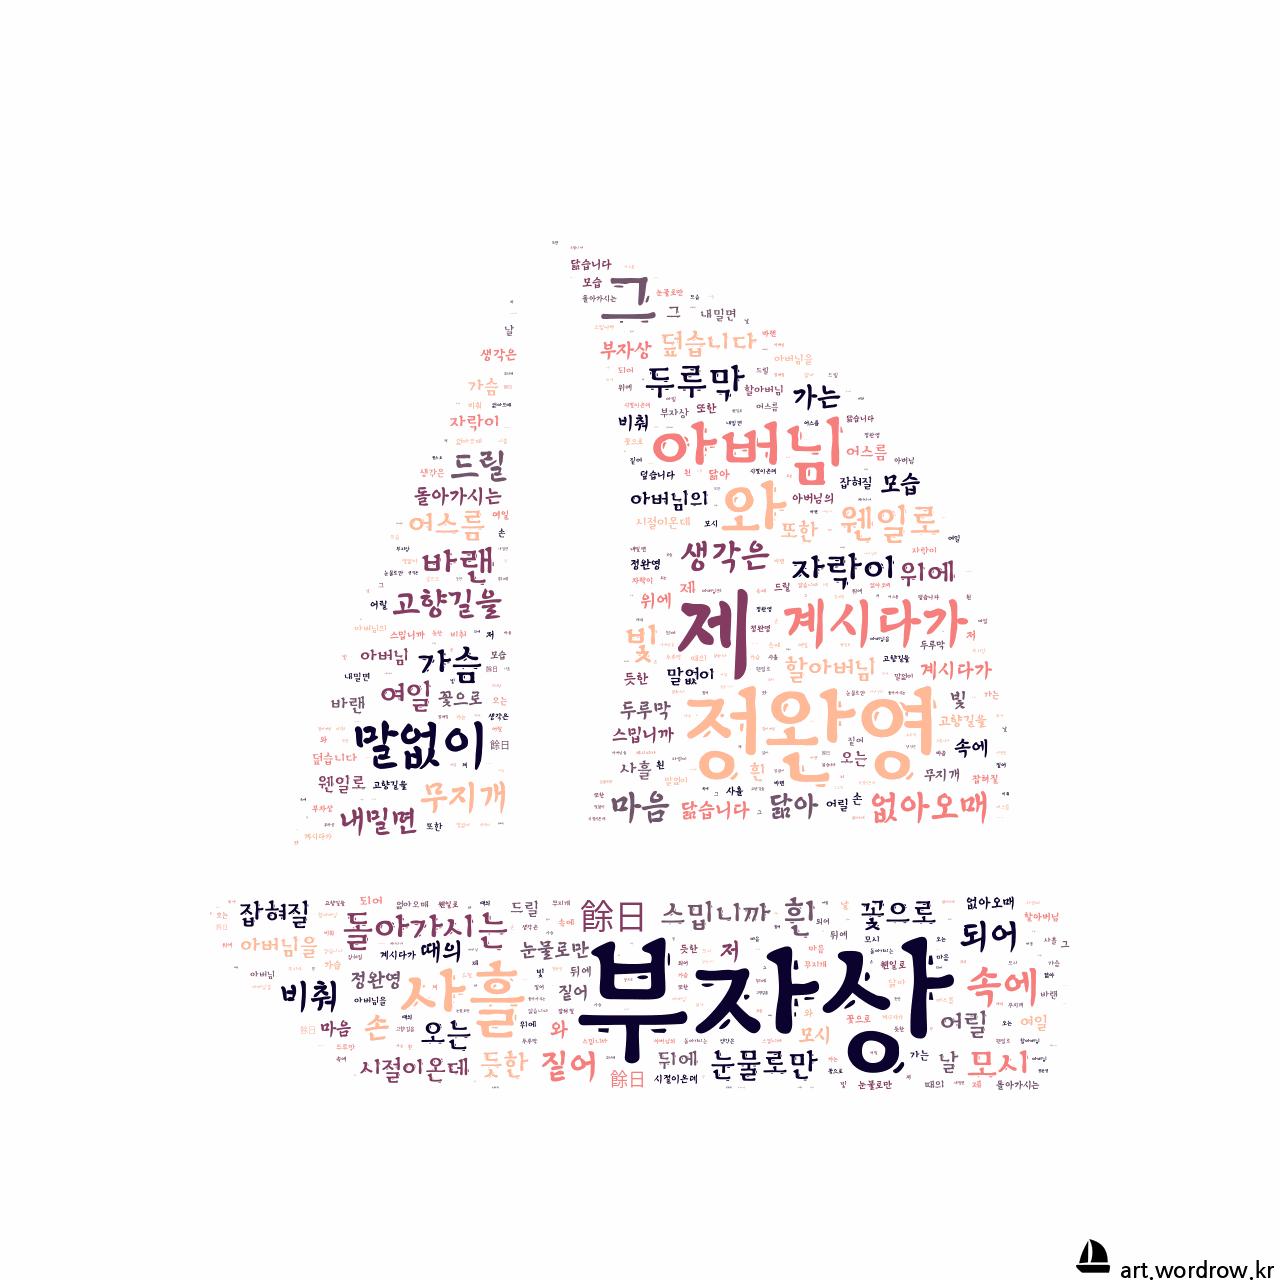 워드 클라우드: 부자상 [정완영]-67